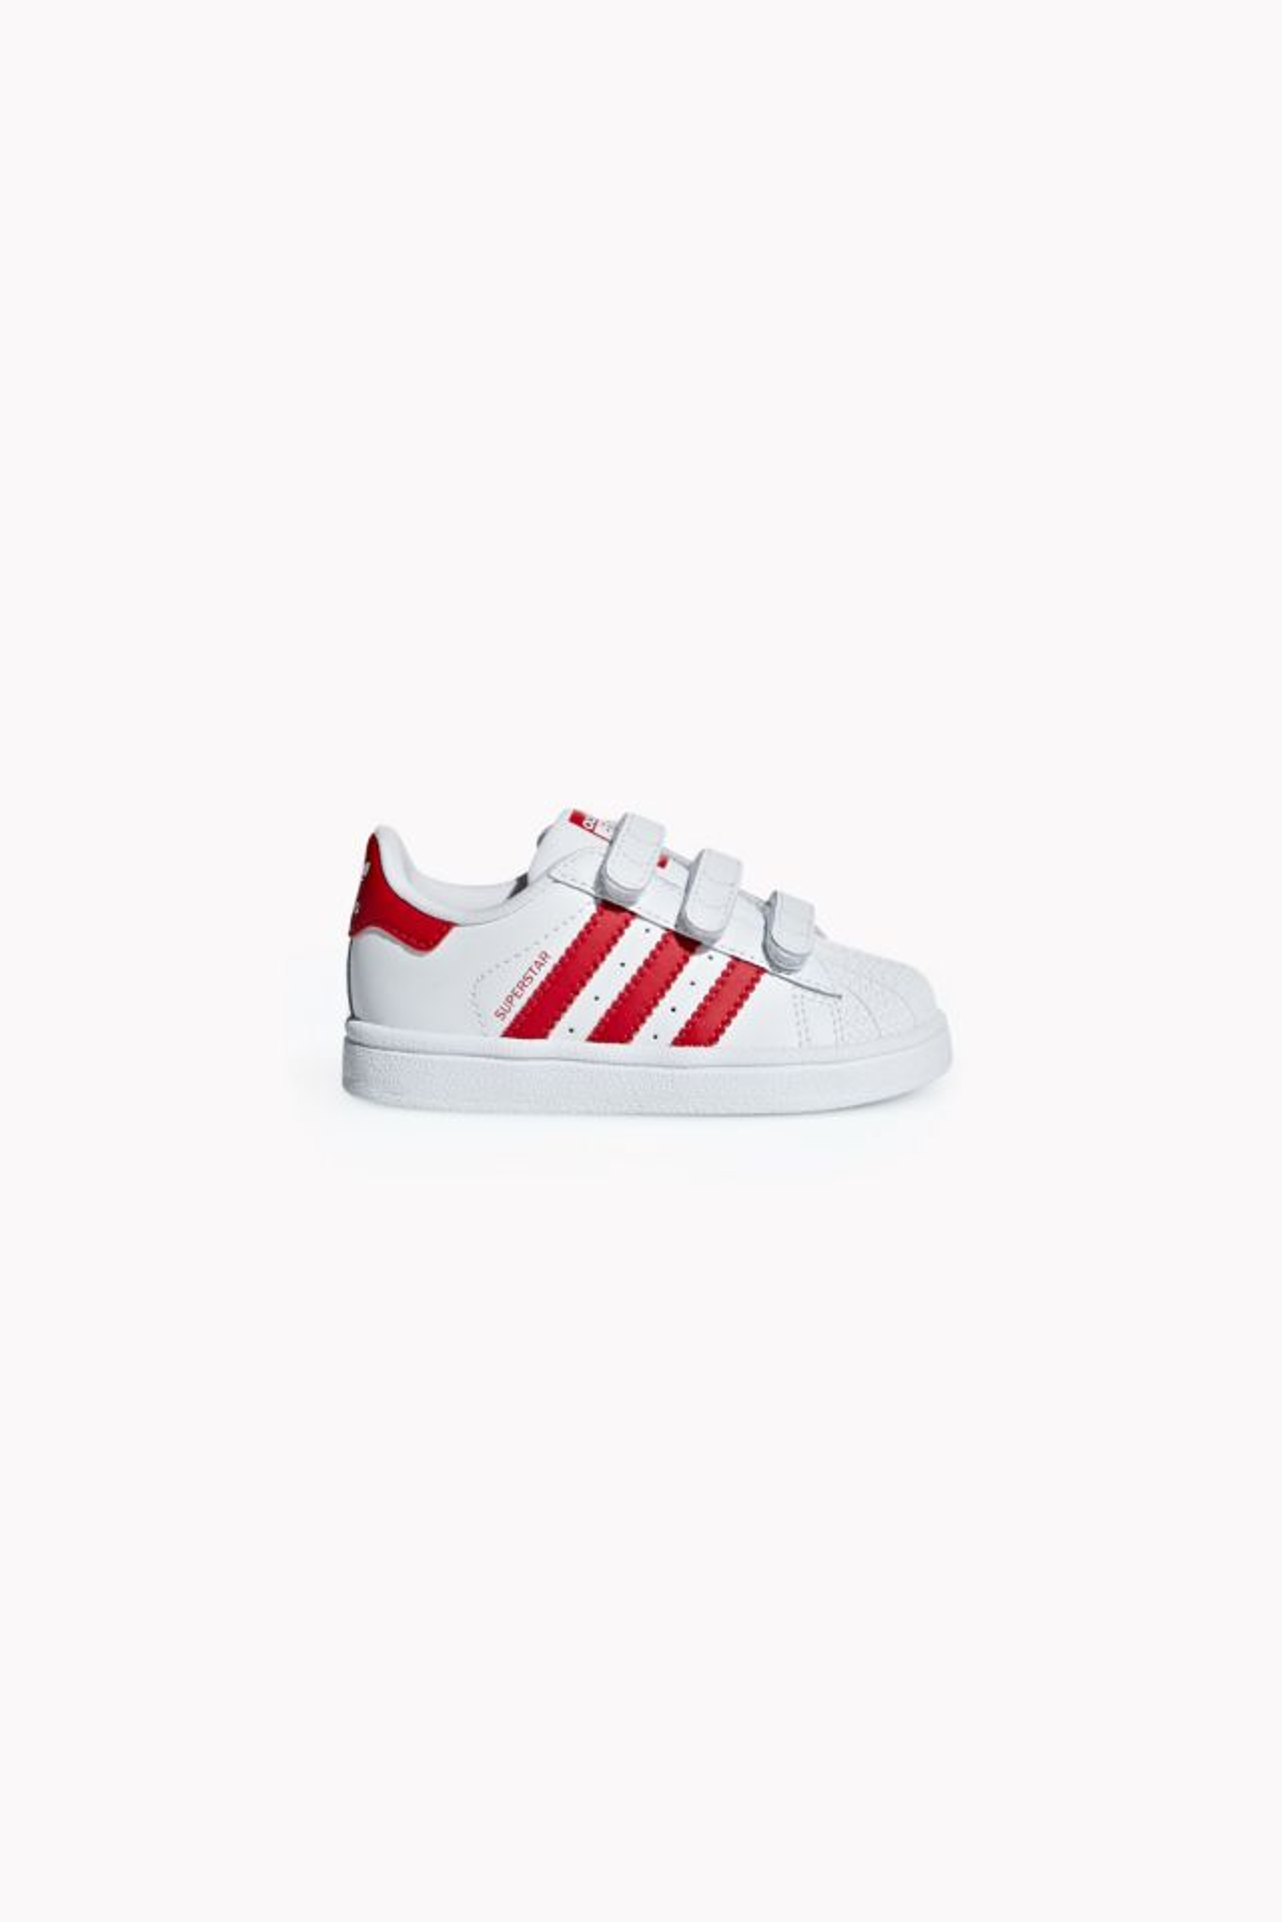 Adidas Superstar - ftwr white/scarlet/scarlet